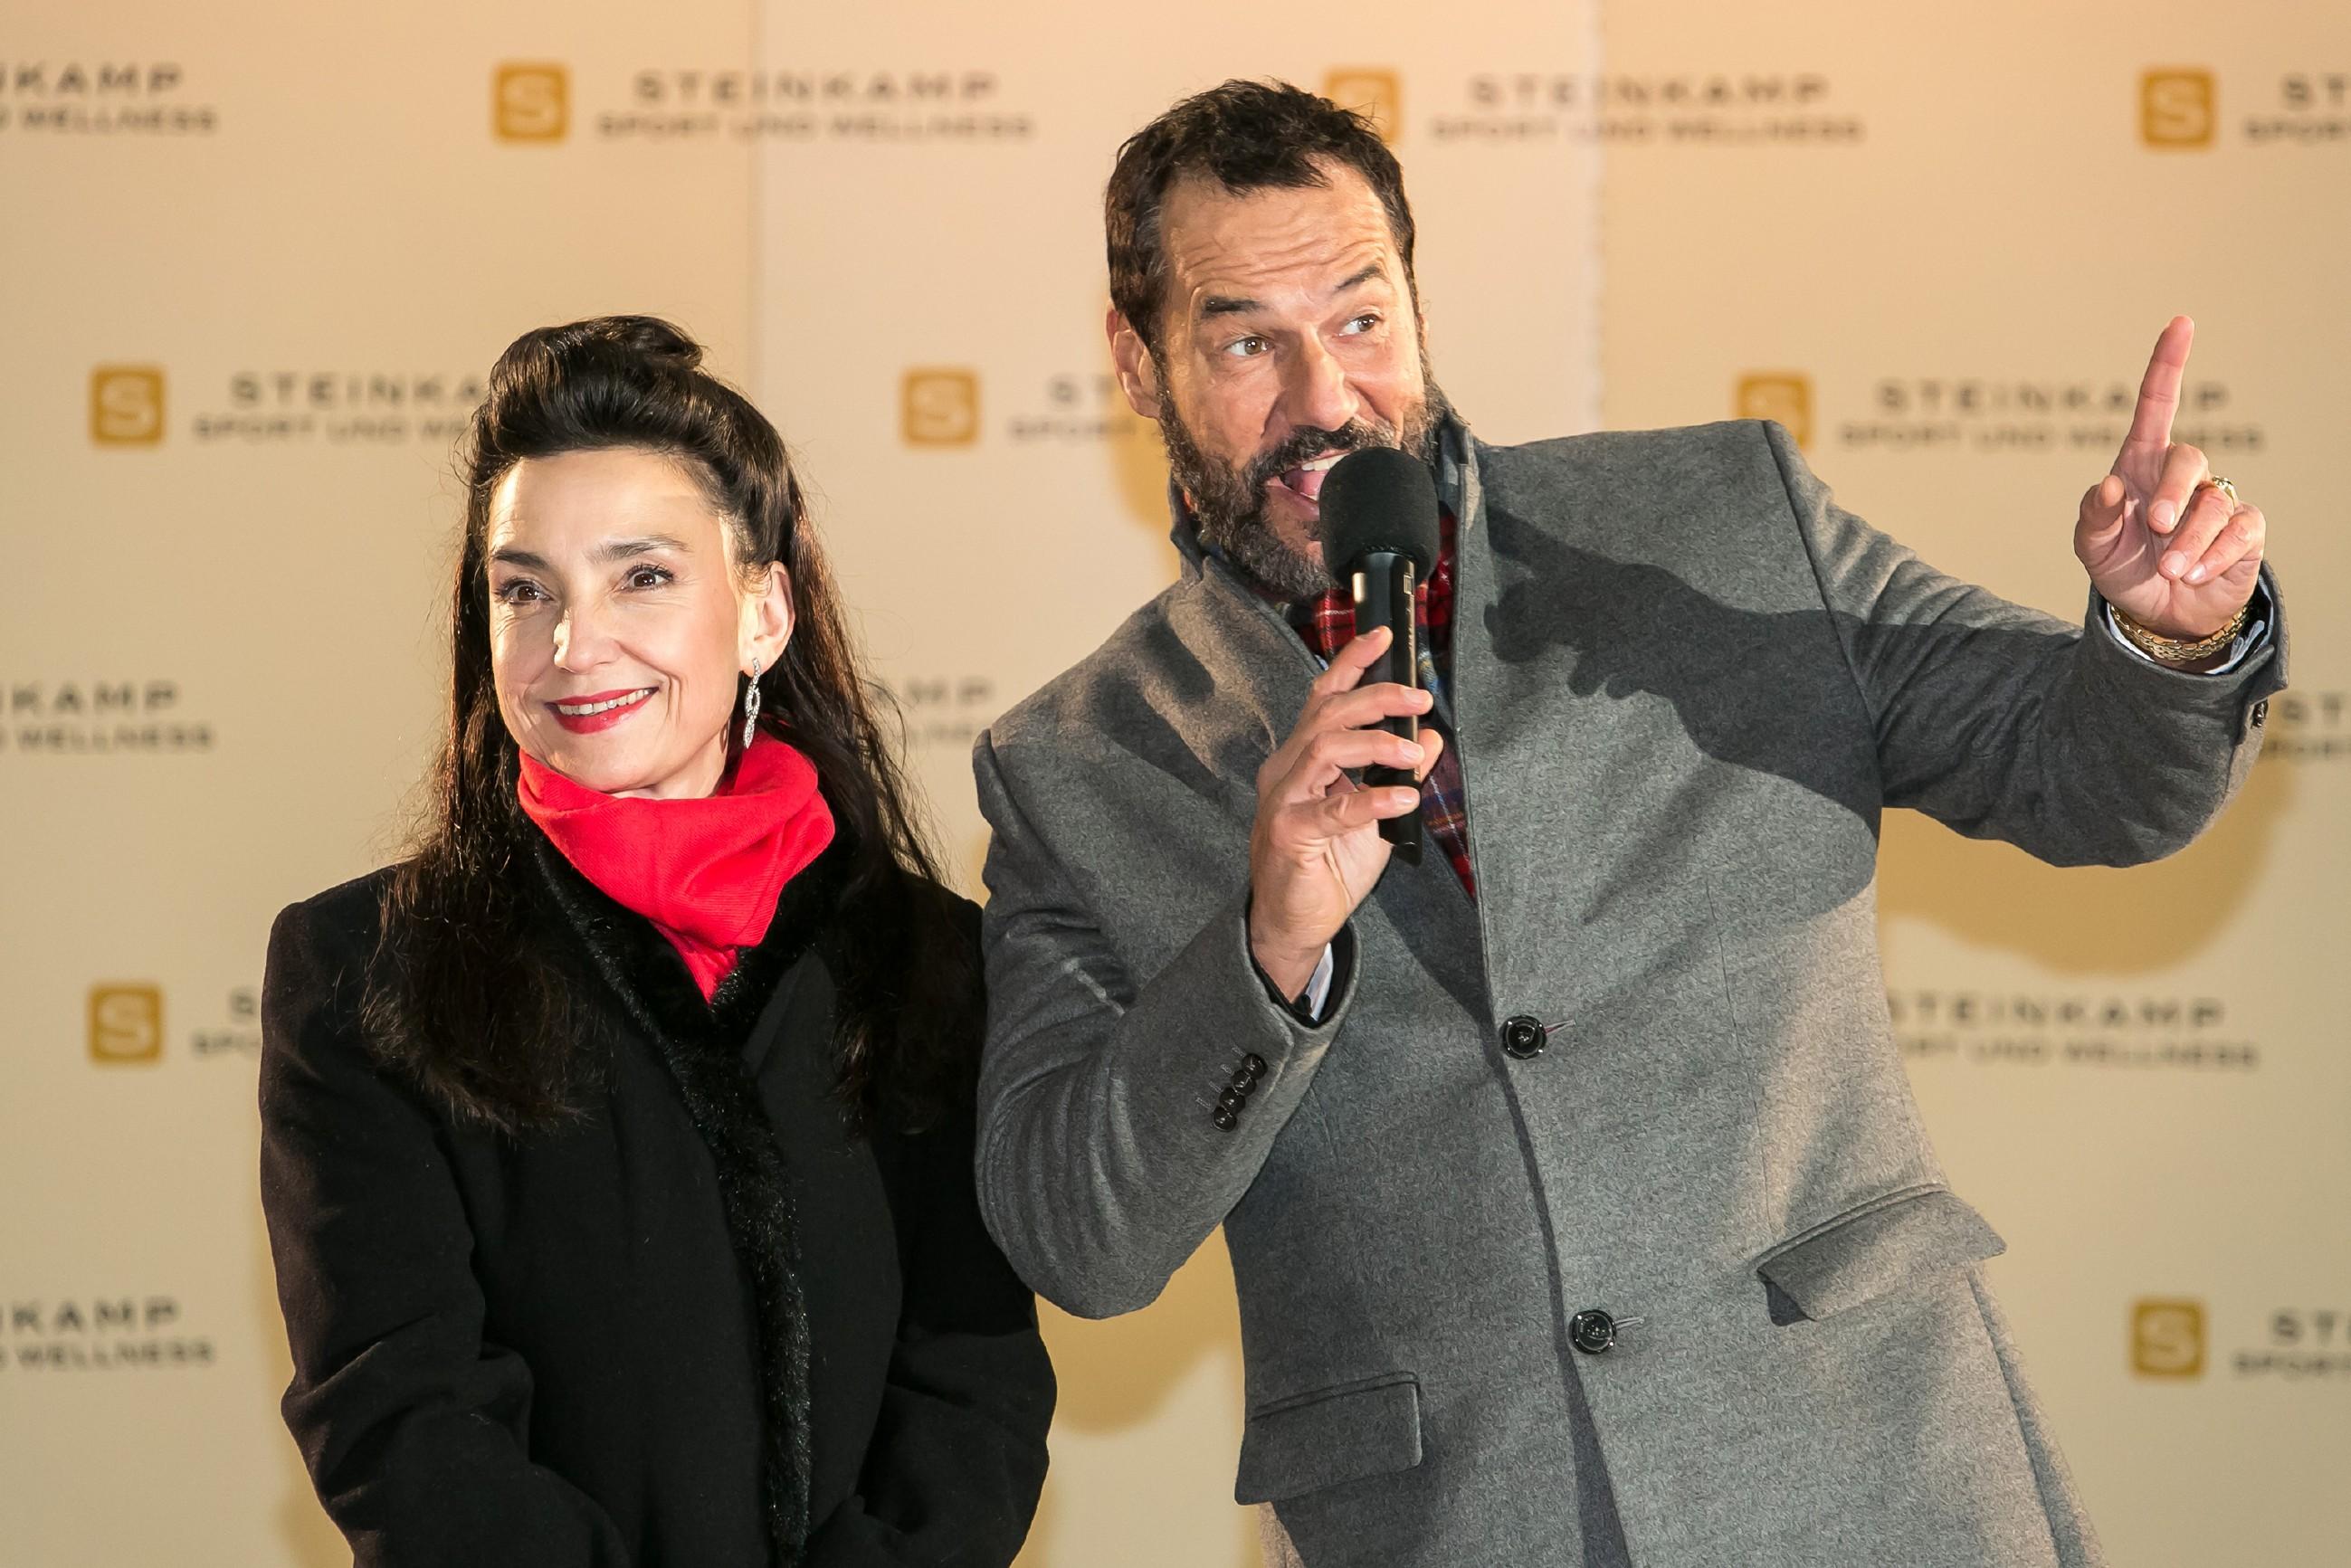 Gemeinsam mit Simone (Tatjana Clasing) kündigt Richard (Silvan-Pierre Leirich) den Gästen zur Eröffnung der Halle stolz das Highlight der Gala an: den gemeinsamen Auftritt von Iva und Marie. (Quelle: RTL / Kai Schulz)